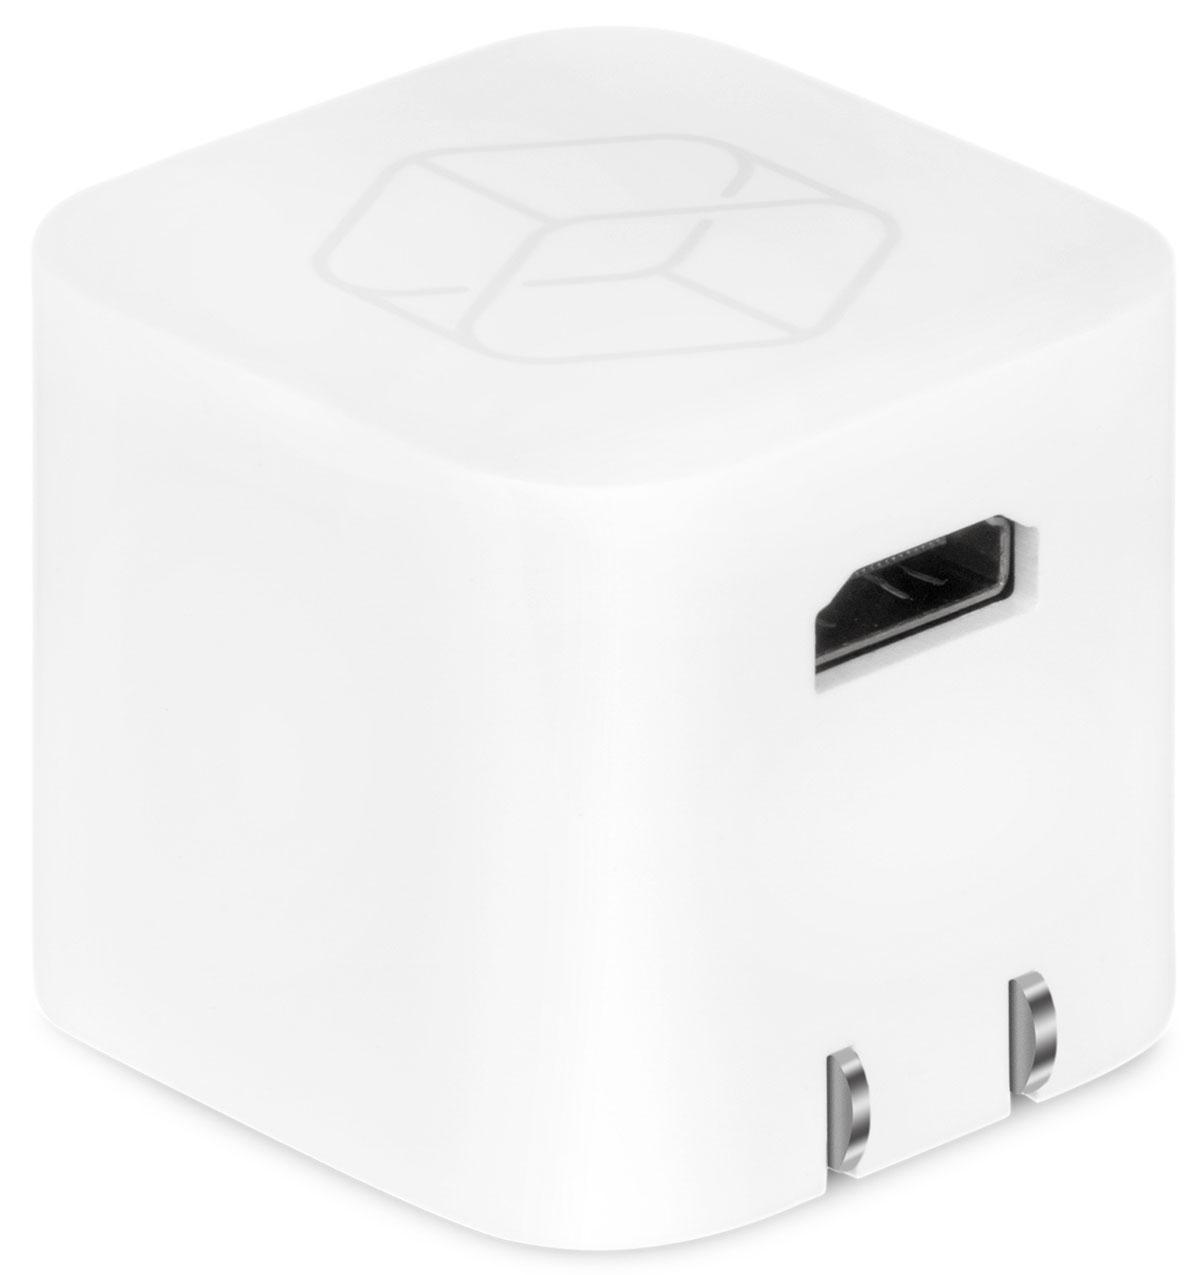 Rombica Cube A5 медиаплеерSBQ-CS805Rombica Cube A5 - медиацентр со встроенным Wi-Fi модулем, работающий под управлением операционной системы Android 4.4. В основе устройства - четырехъядерный процессор ARM Cortex с частотой 1.5 ГГц с графическим ядром ARM Mali-450 MP. Плеер оснащен разъемом USB с поддержкой USB Flash носителей и жестких дисков до 2 ТБ включительно. Он полностью поддерживает воспроизведение подавляющего большинства мультимедийных файлов. Rombica Cube A5 - идеальный спутник в мире развлечений! Встроенные Интернет-сервисы и клиенты для всех популярных соцсетей Онлайн-кинотеатры IVI, MEGOGO, TVZavr, Youtube и другие Поддержка облачных сервисов: Dropbox, Google Drive, SkyDrive, Yandex Disk и других Установка приложений из Google Play Store или APK приложений для Android